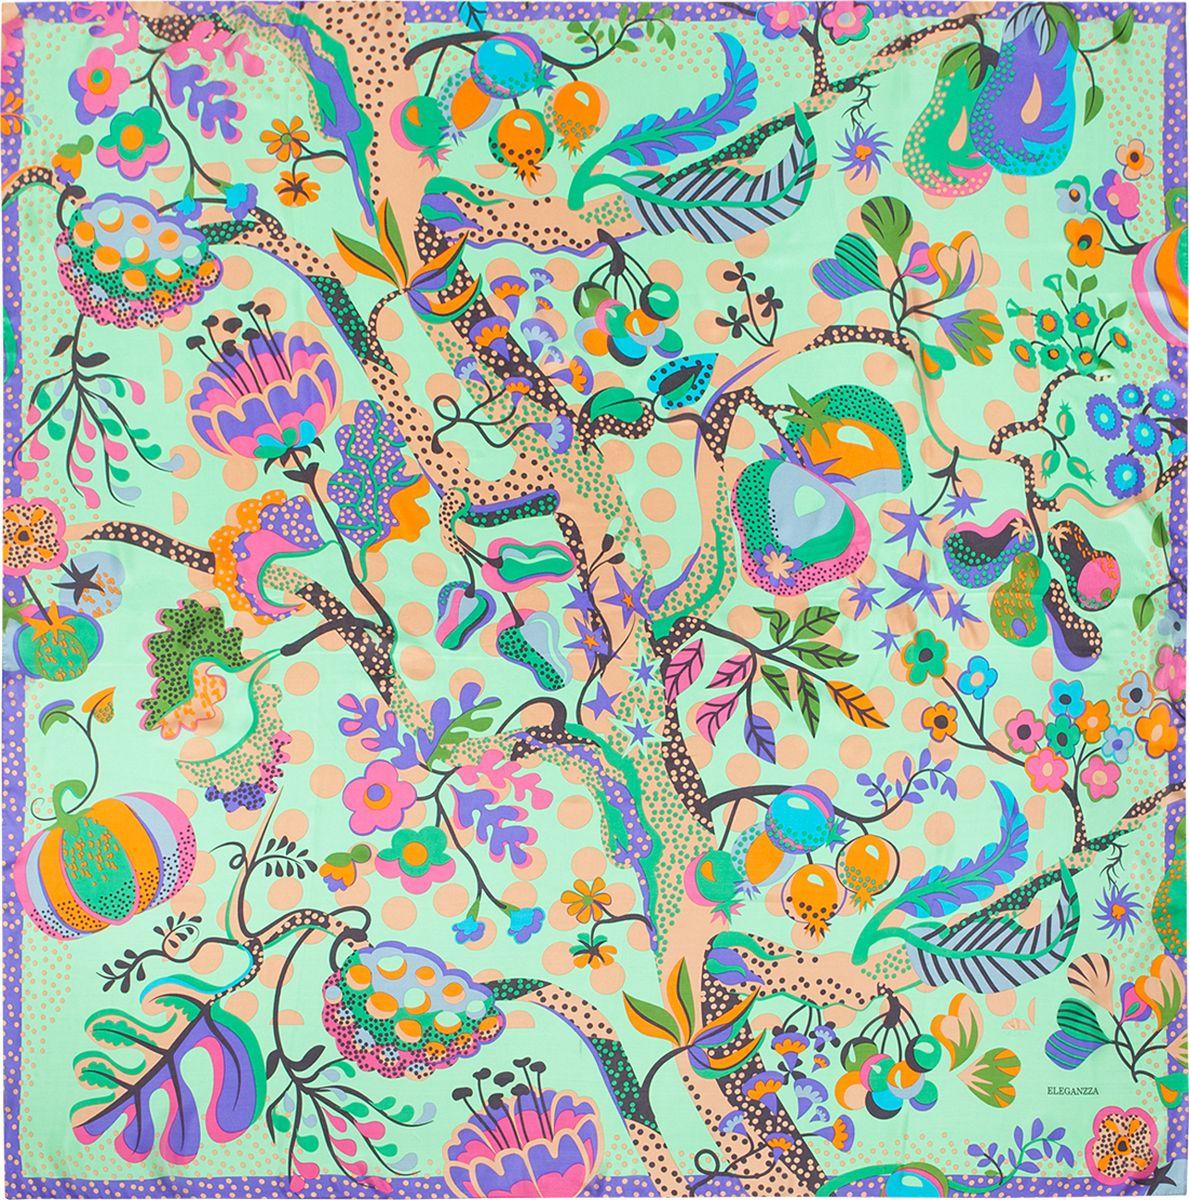 Платок женский Eleganzza, цвет: зеленый, фиолетовый. E05-7159. Размер 110 см х 110 смE05-7159Платок Eleganzza, выполненный из шелка, идеально дополнит образ современной женщины. Модель оформлена принтом. Классическая квадратная форма позволяет носить платок на шее, украшать им прическу или декорировать сумочку. С таким замечательным аксессуаром вы всегда будете выглядеть женственно и привлекательно.